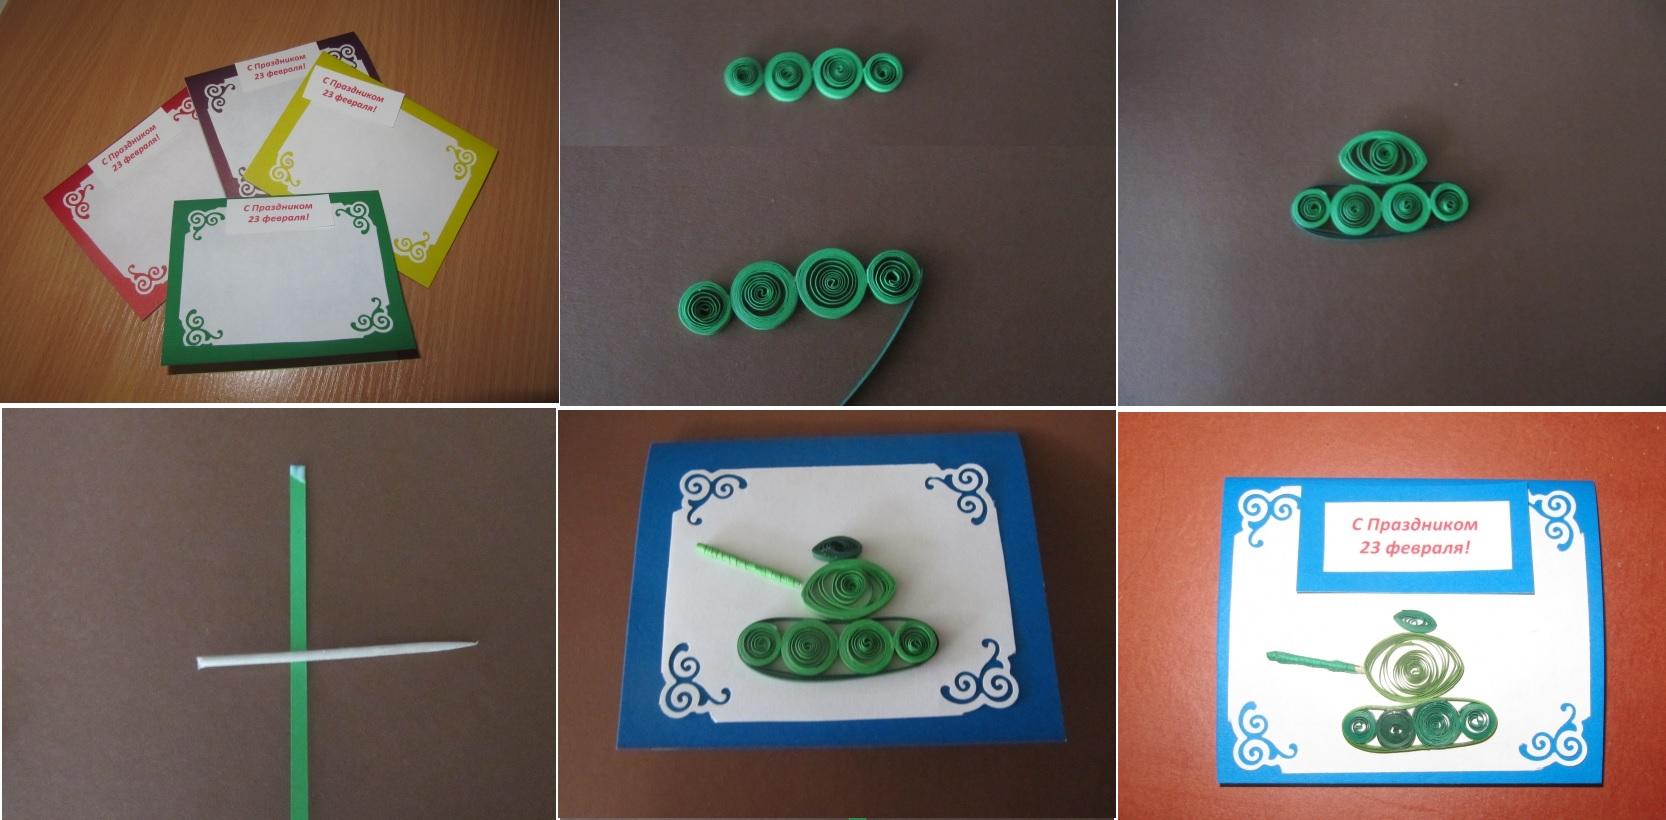 Открытки на 23 февраля своими руками в школу 1 класс, тортом